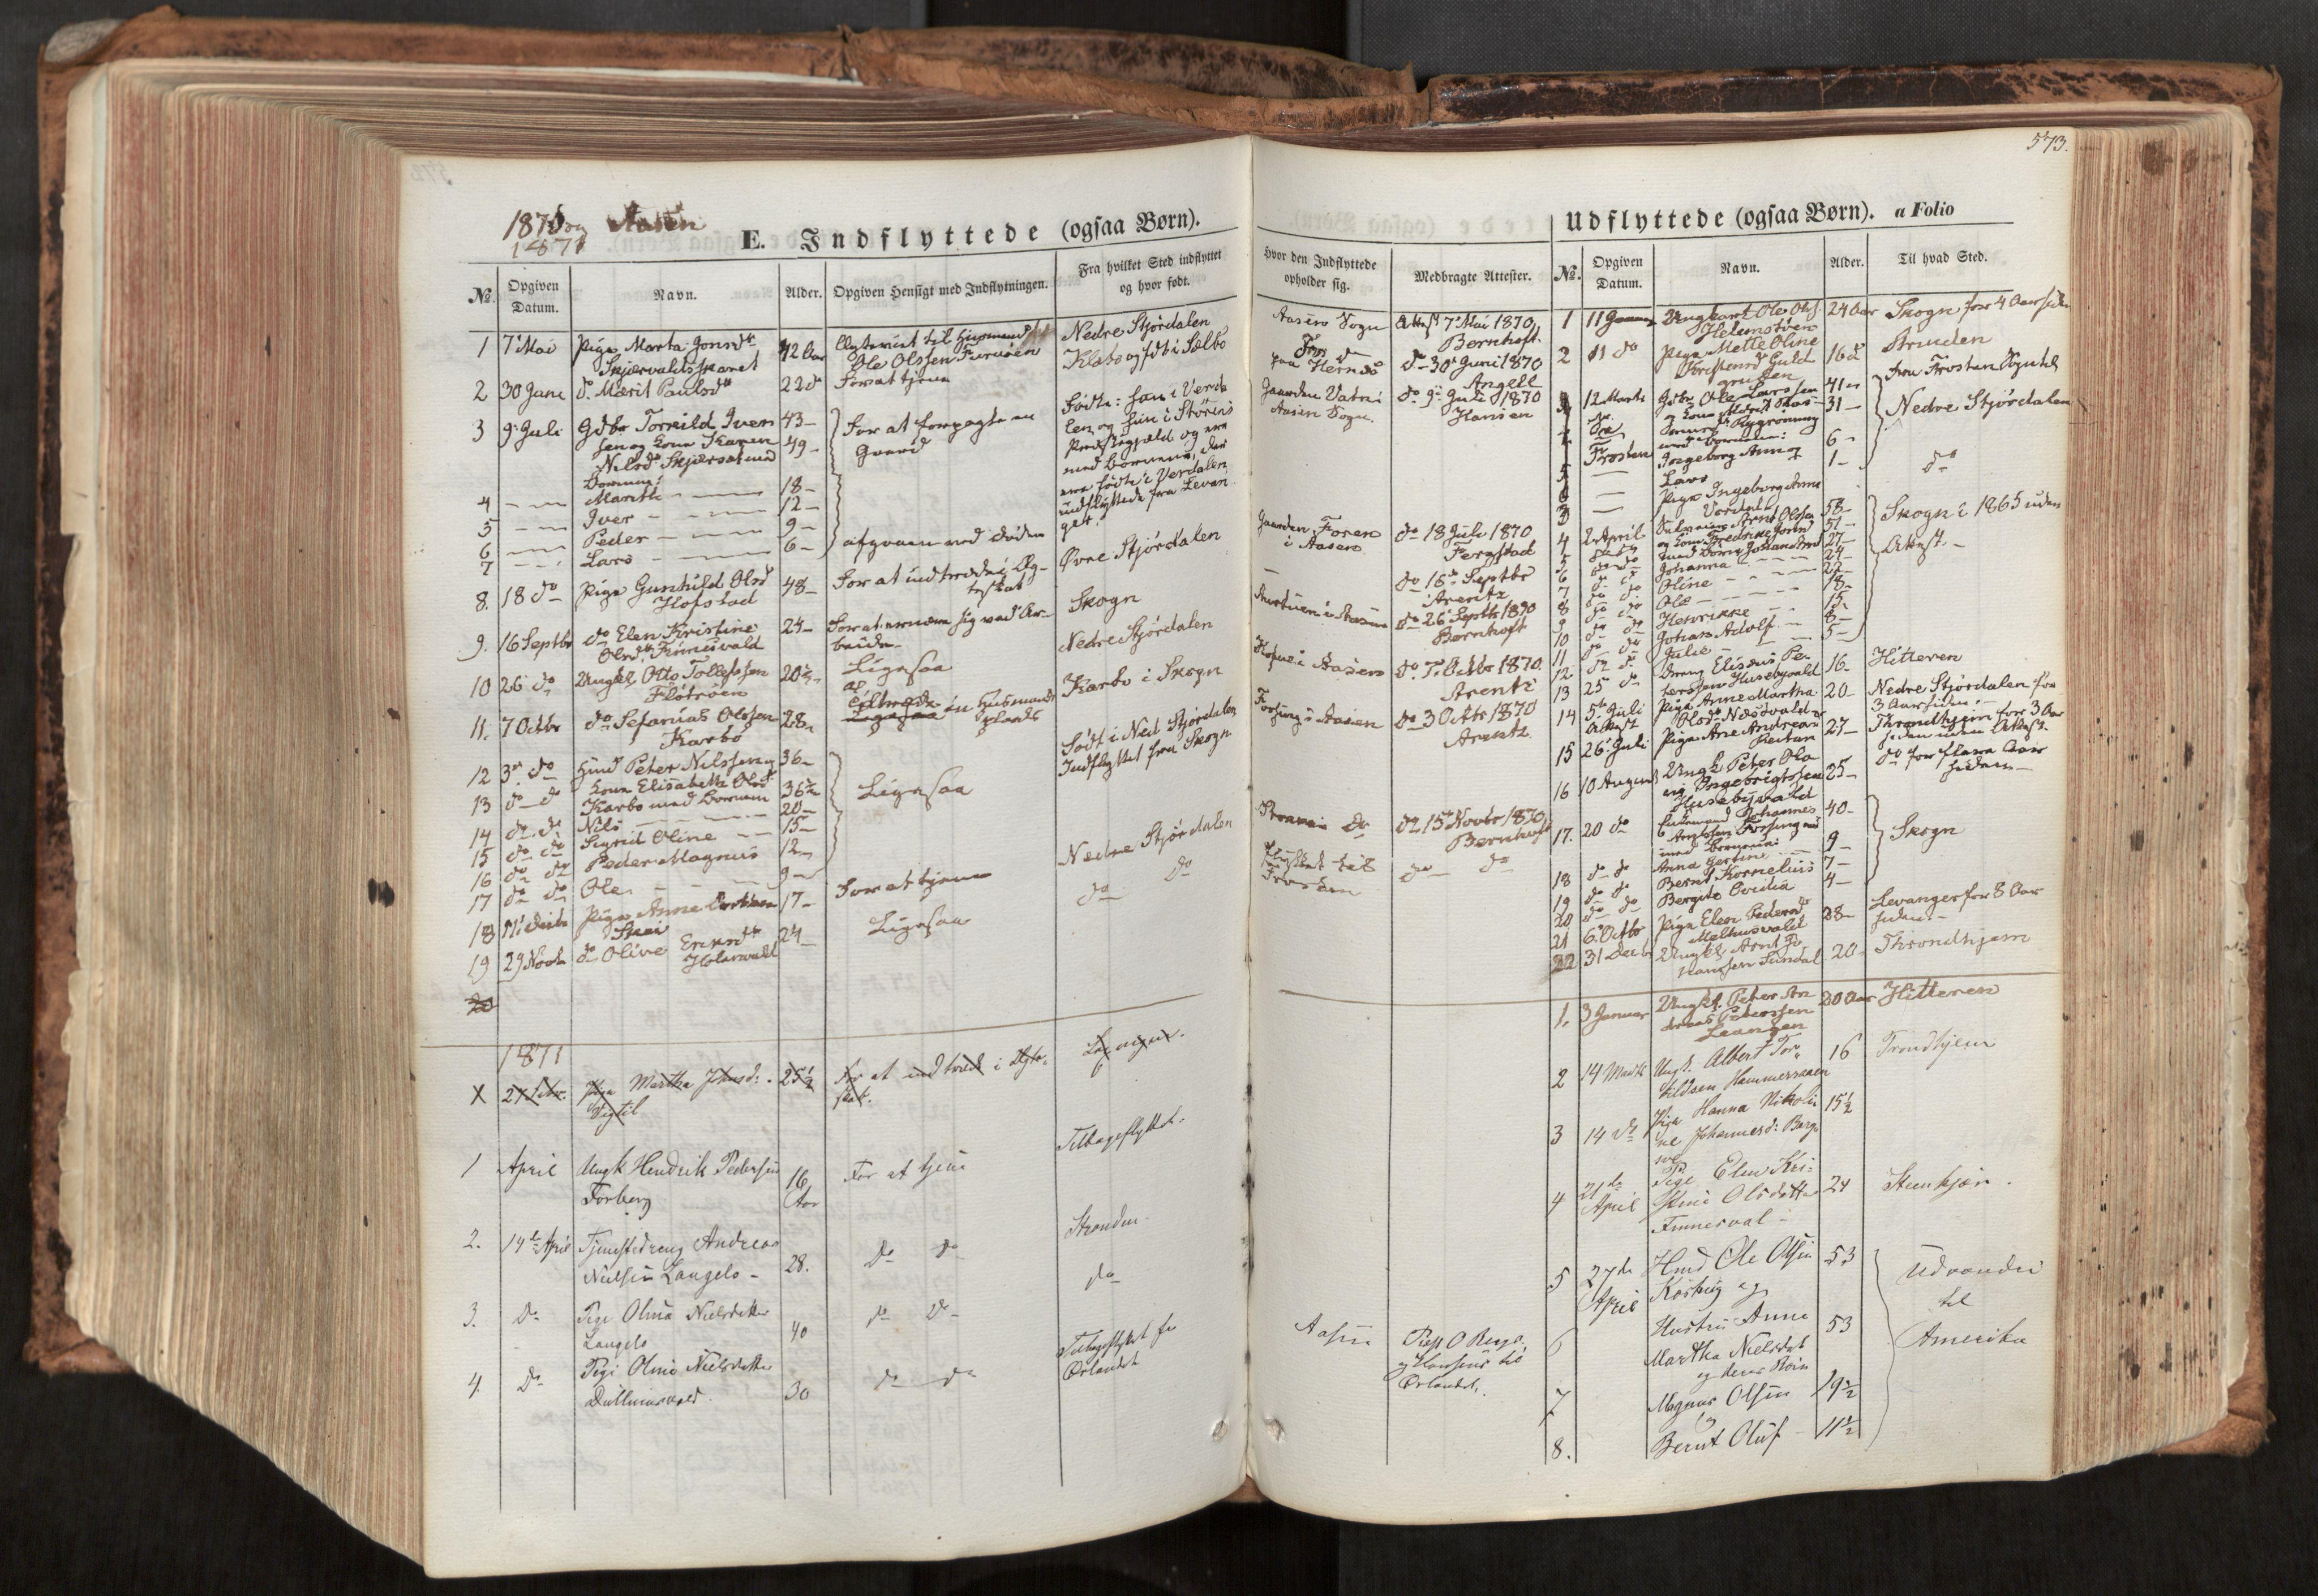 SAT, Ministerialprotokoller, klokkerbøker og fødselsregistre - Nord-Trøndelag, 713/L0116: Ministerialbok nr. 713A07, 1850-1877, s. 573